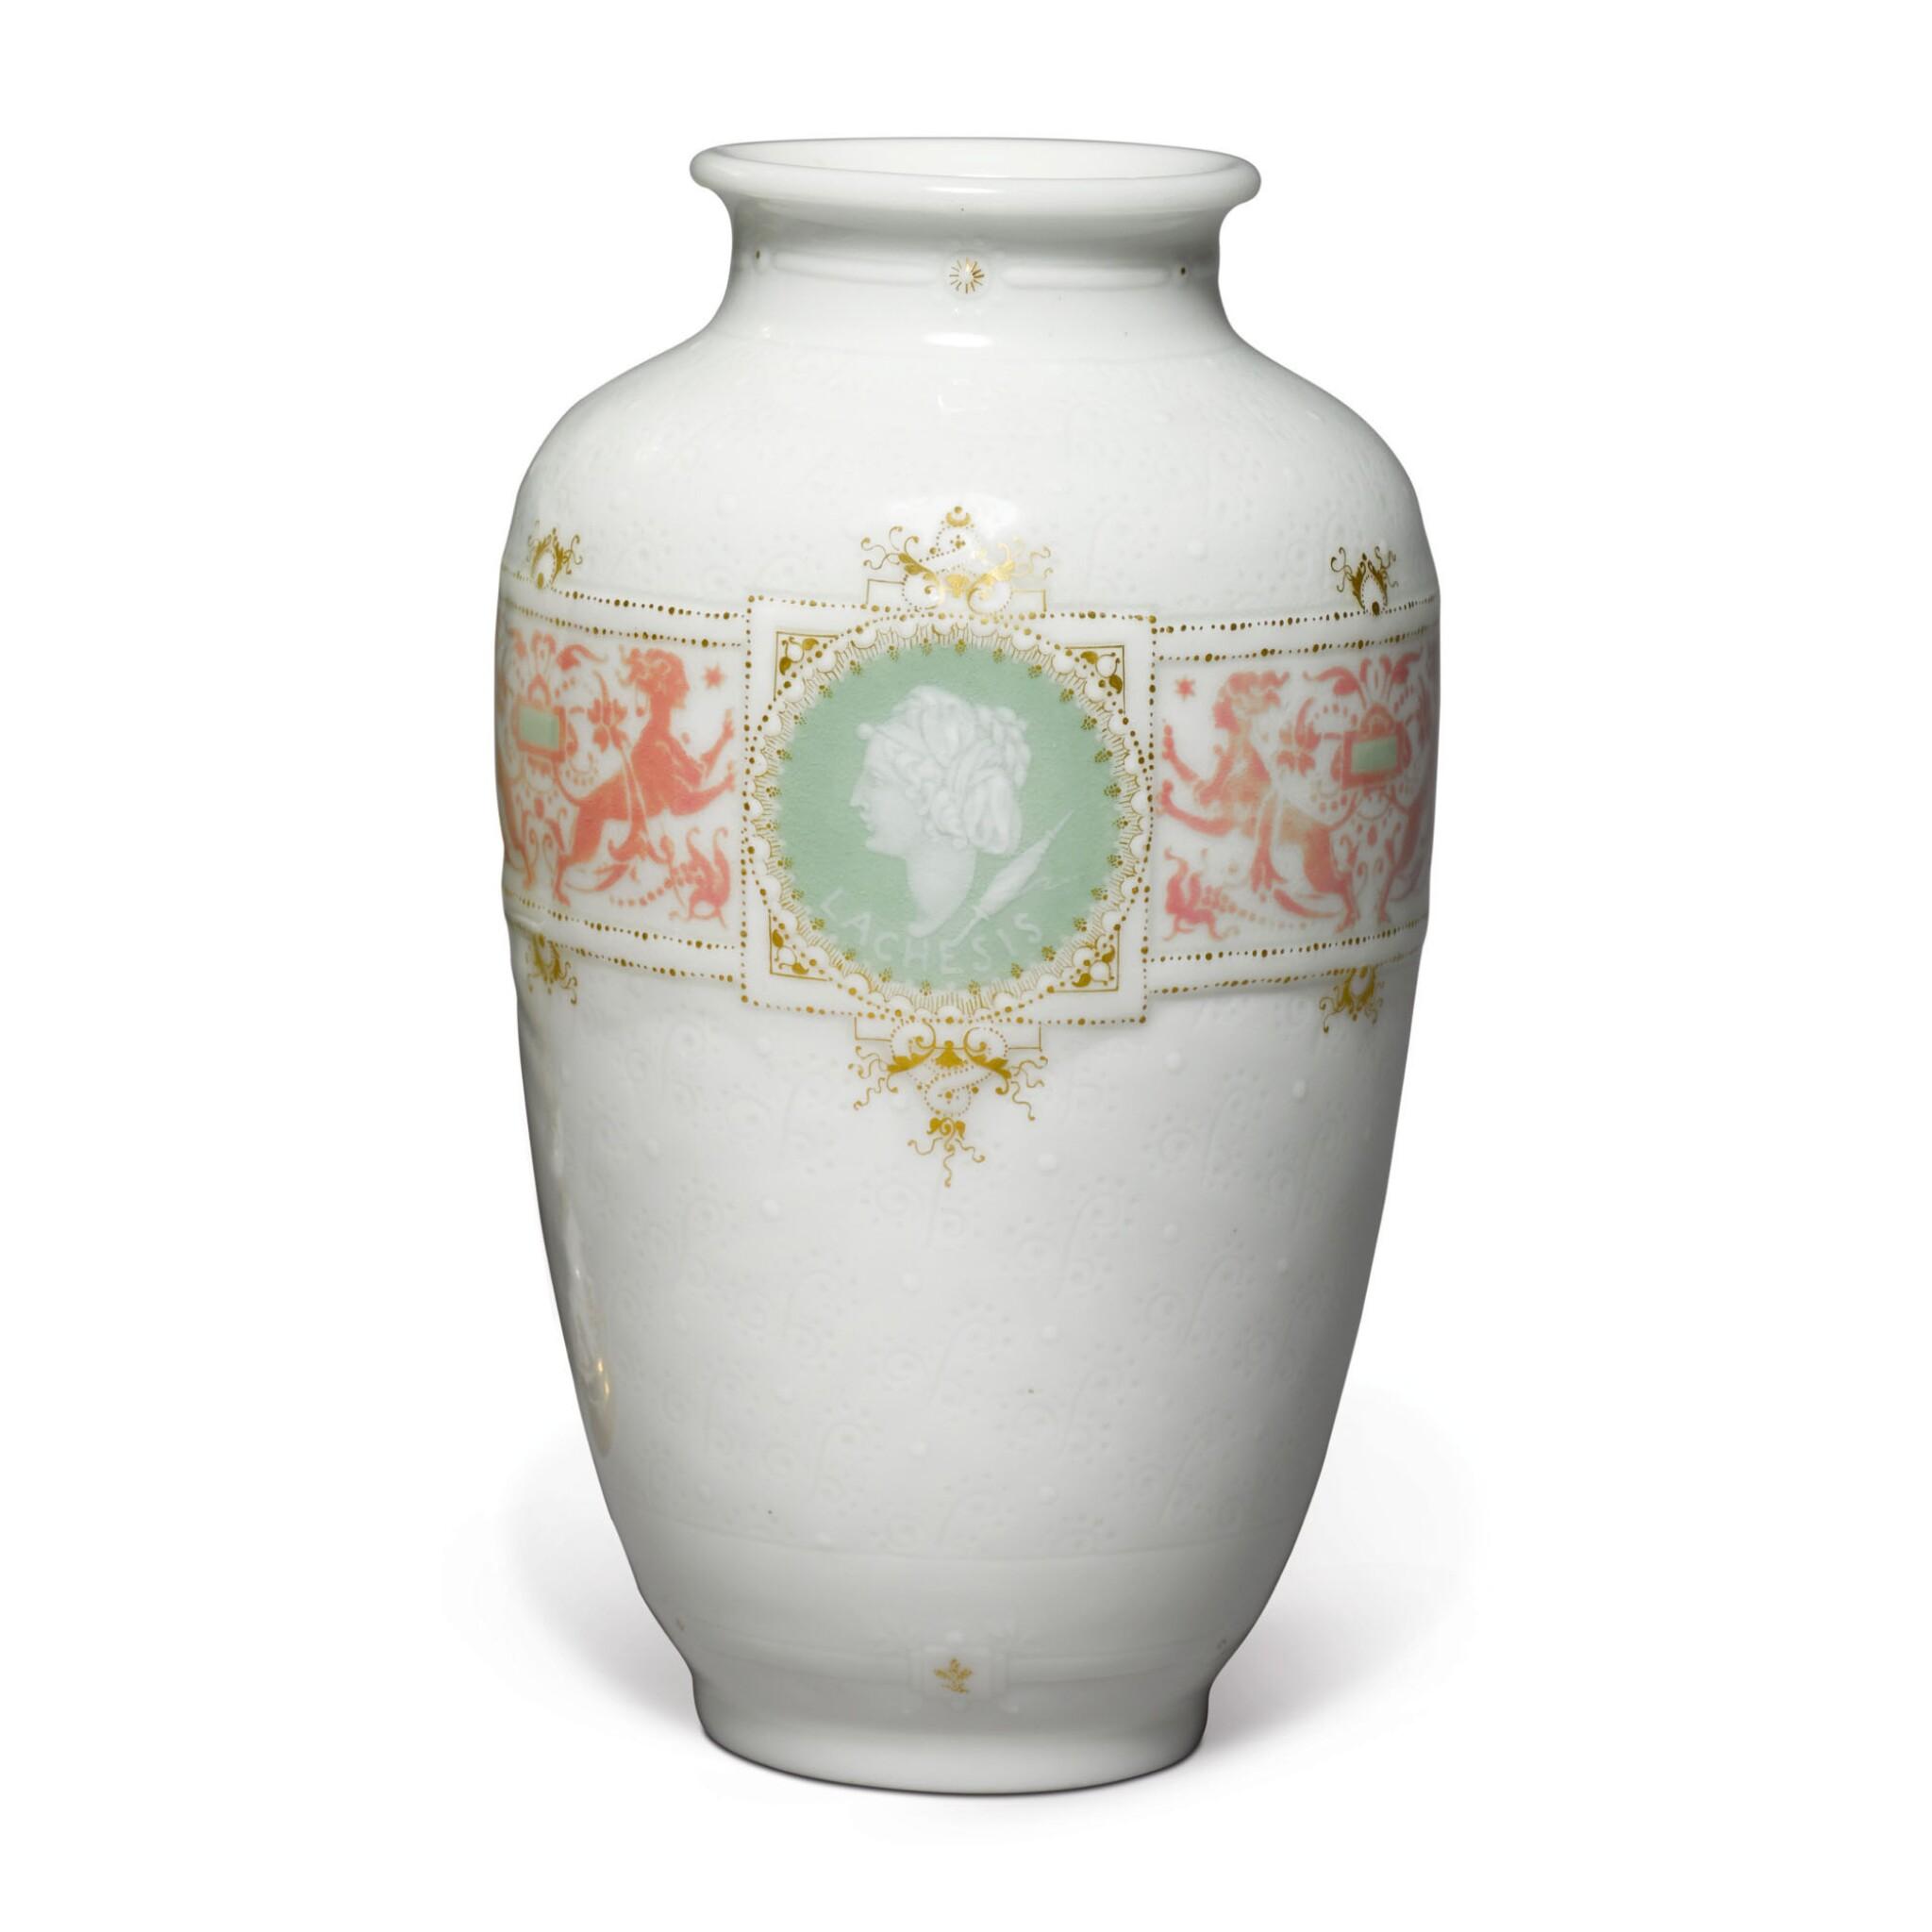 A SÈVRES PÂTE-SUR-PÂTE VASE CIRCA 1888-89